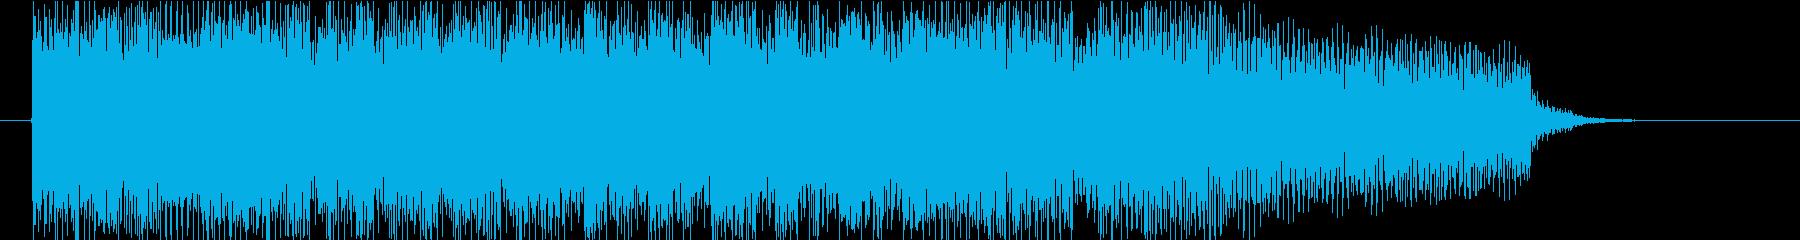 サウンドロゴ(エレキピアノ・発車メロ風)の再生済みの波形